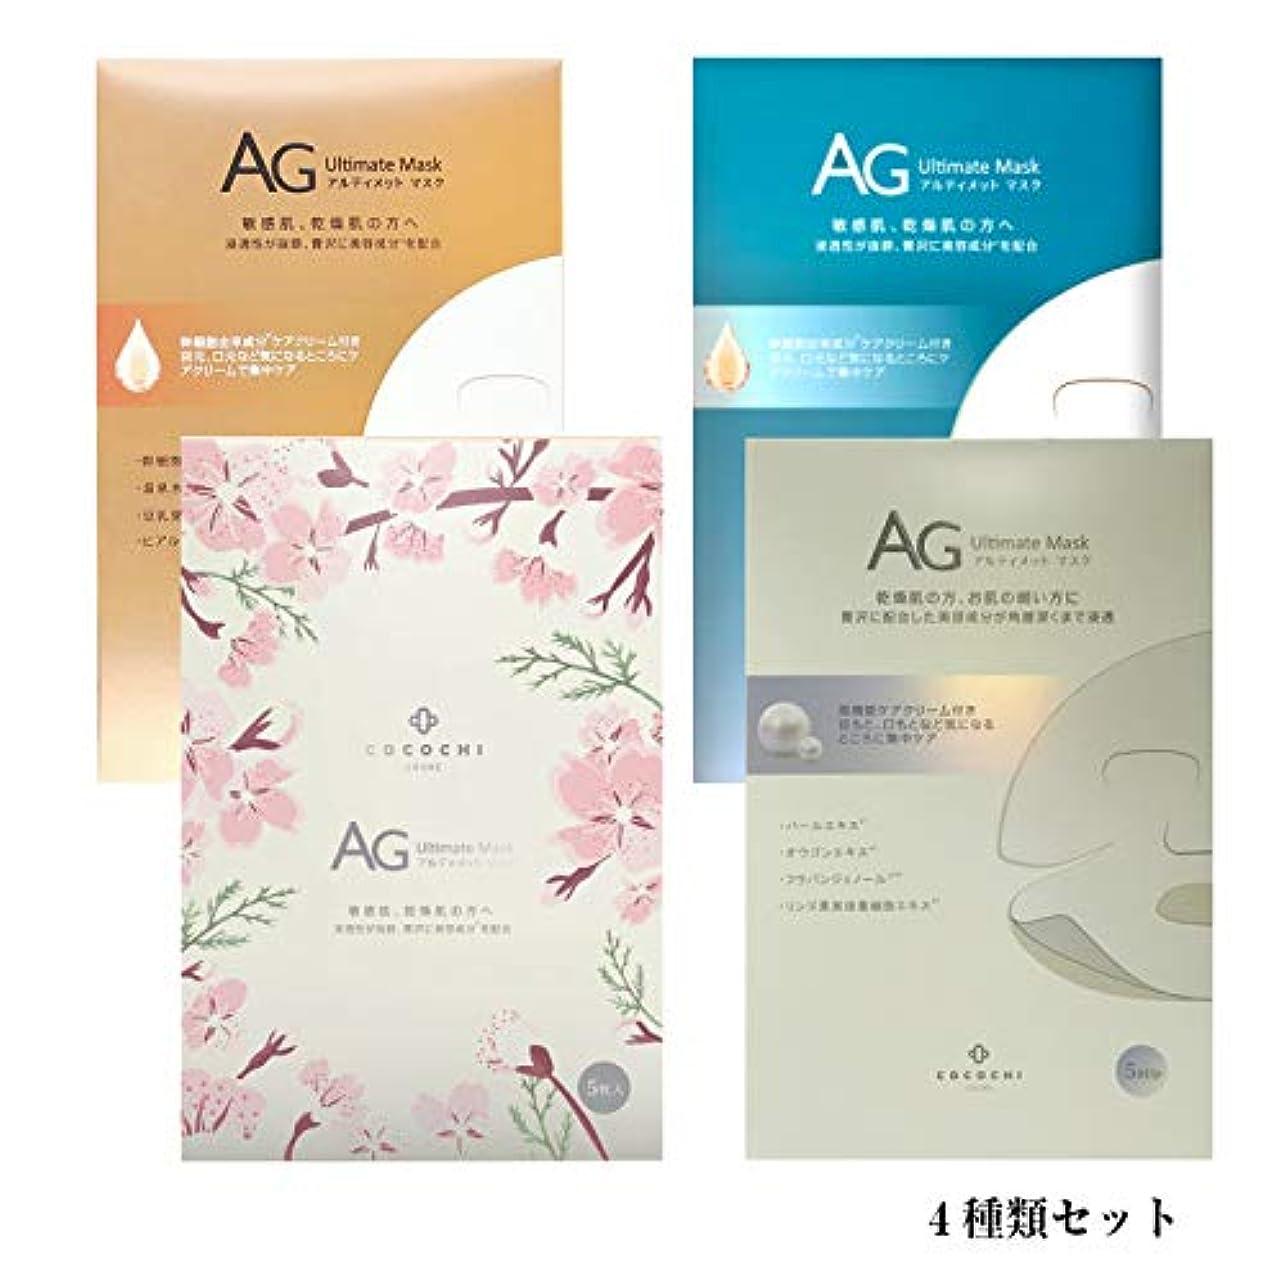 ハイキングガイドジャーナルAGアルティメットマスク 4種類セット AG アルティメットマスク/オーシャンマスク/さくら/アコヤ真珠マスク